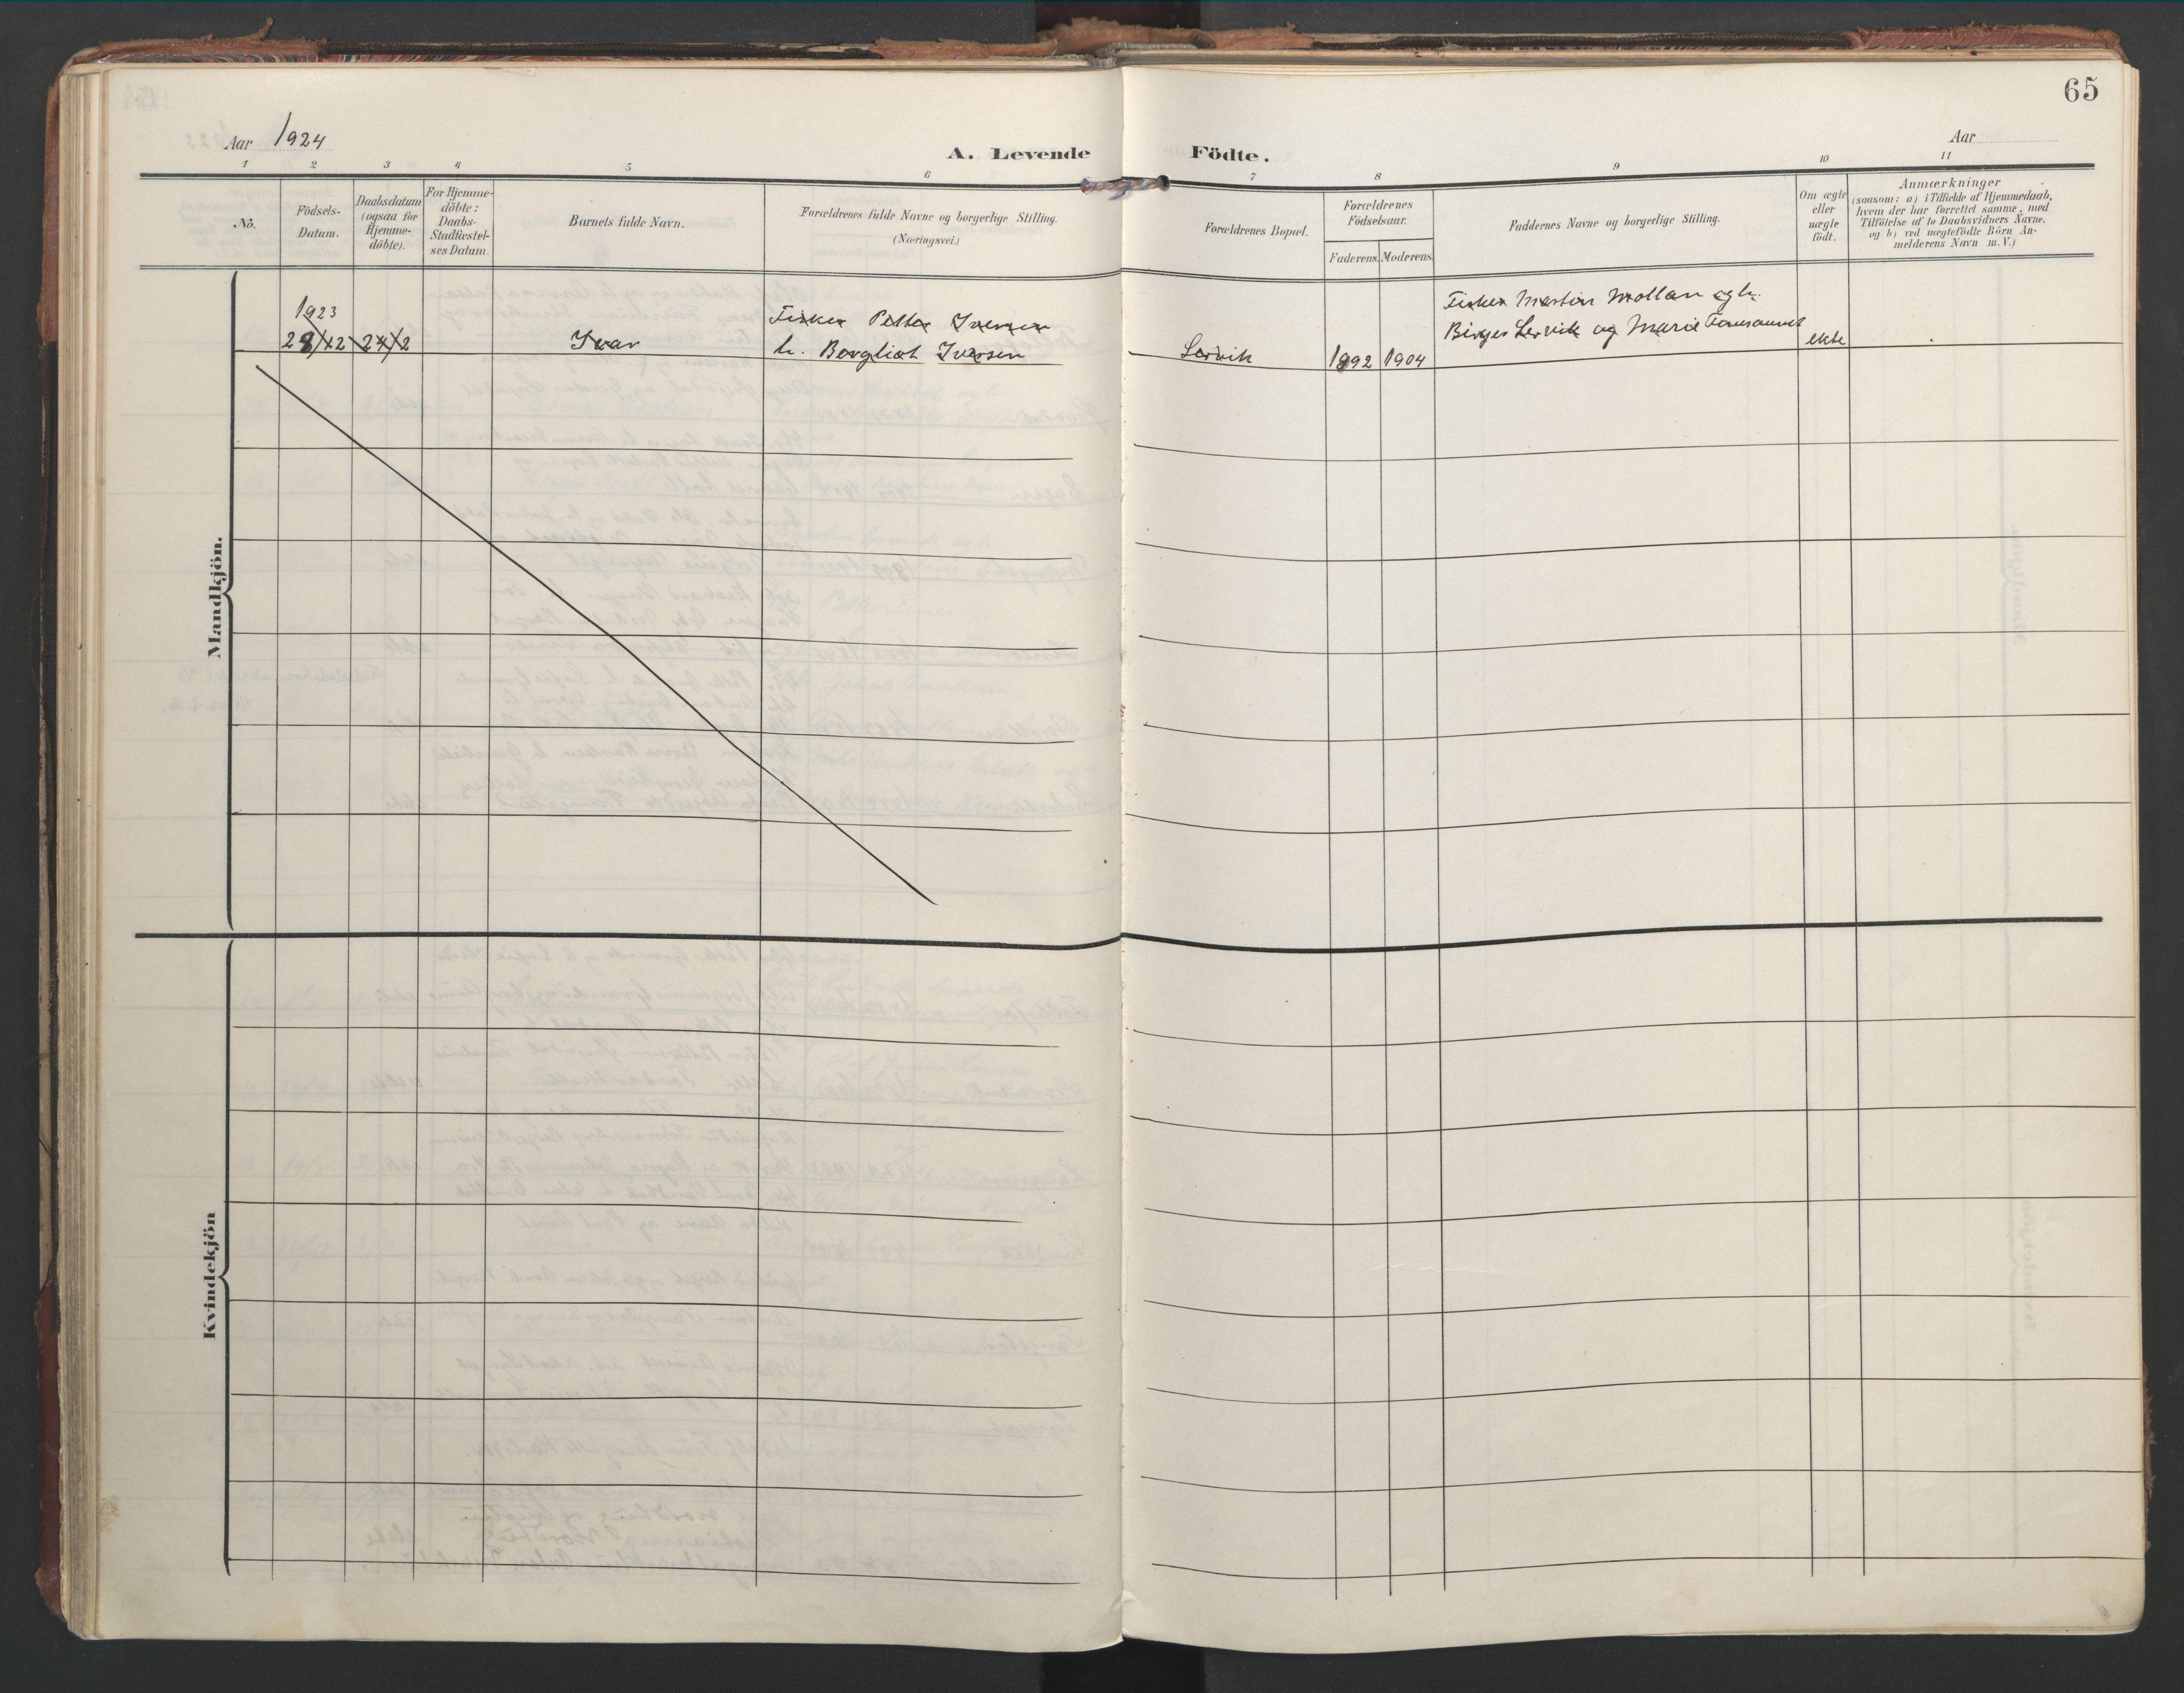 SAT, Ministerialprotokoller, klokkerbøker og fødselsregistre - Nord-Trøndelag, 744/L0421: Ministerialbok nr. 744A05, 1905-1930, s. 65